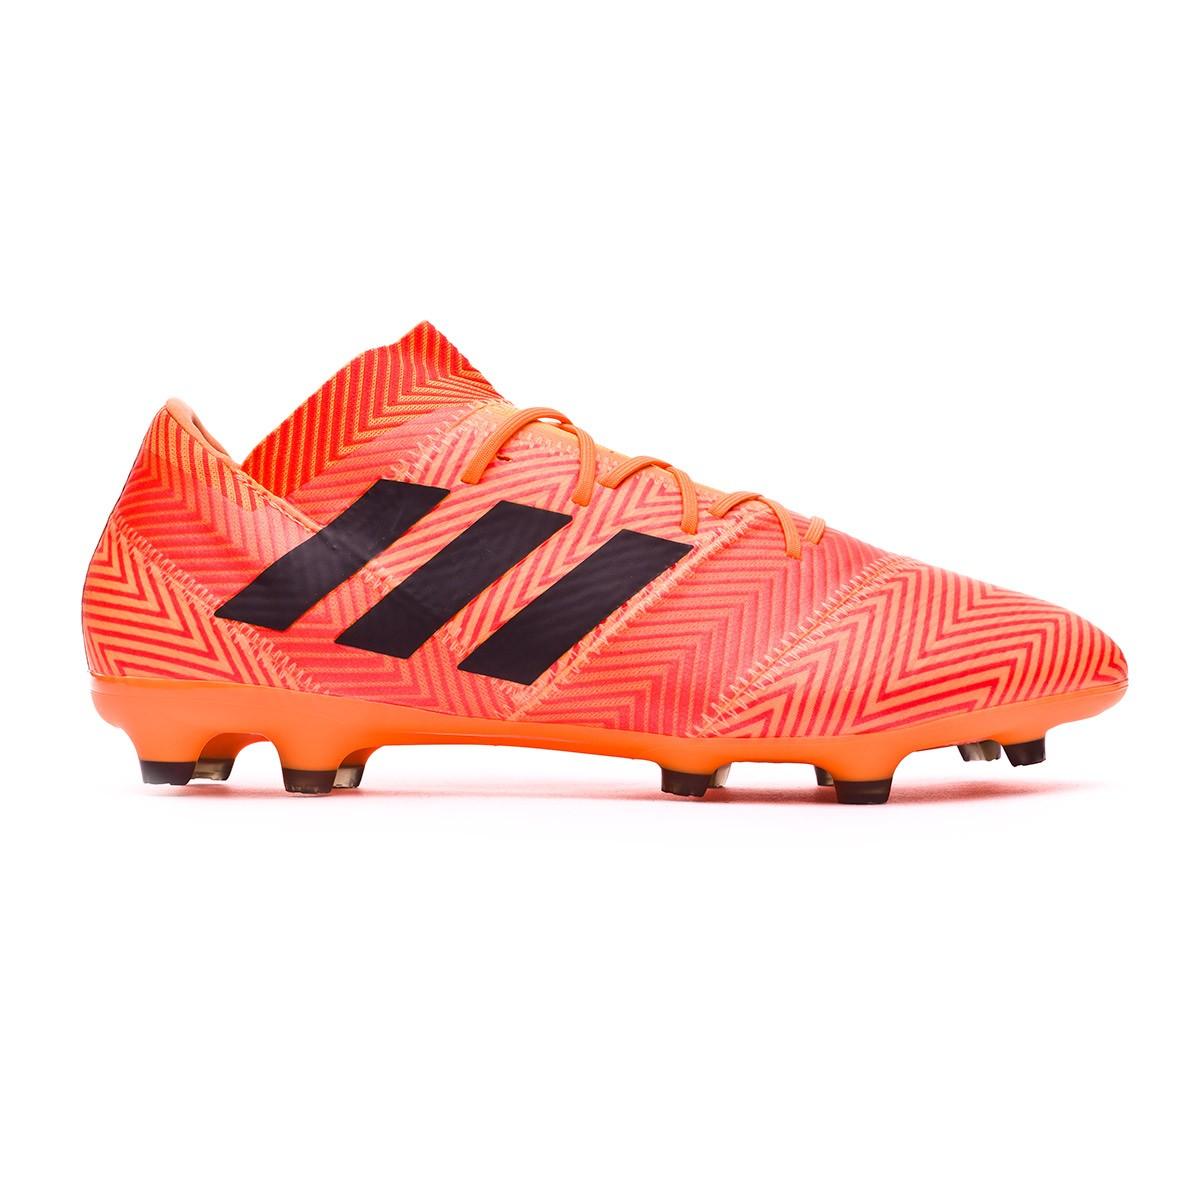 Zapatos de fútbol adidas Nemeziz 18.2 FG Zest-Black-Solar red -  Soloporteros es ahora Fútbol Emotion 86e5566cbb36e